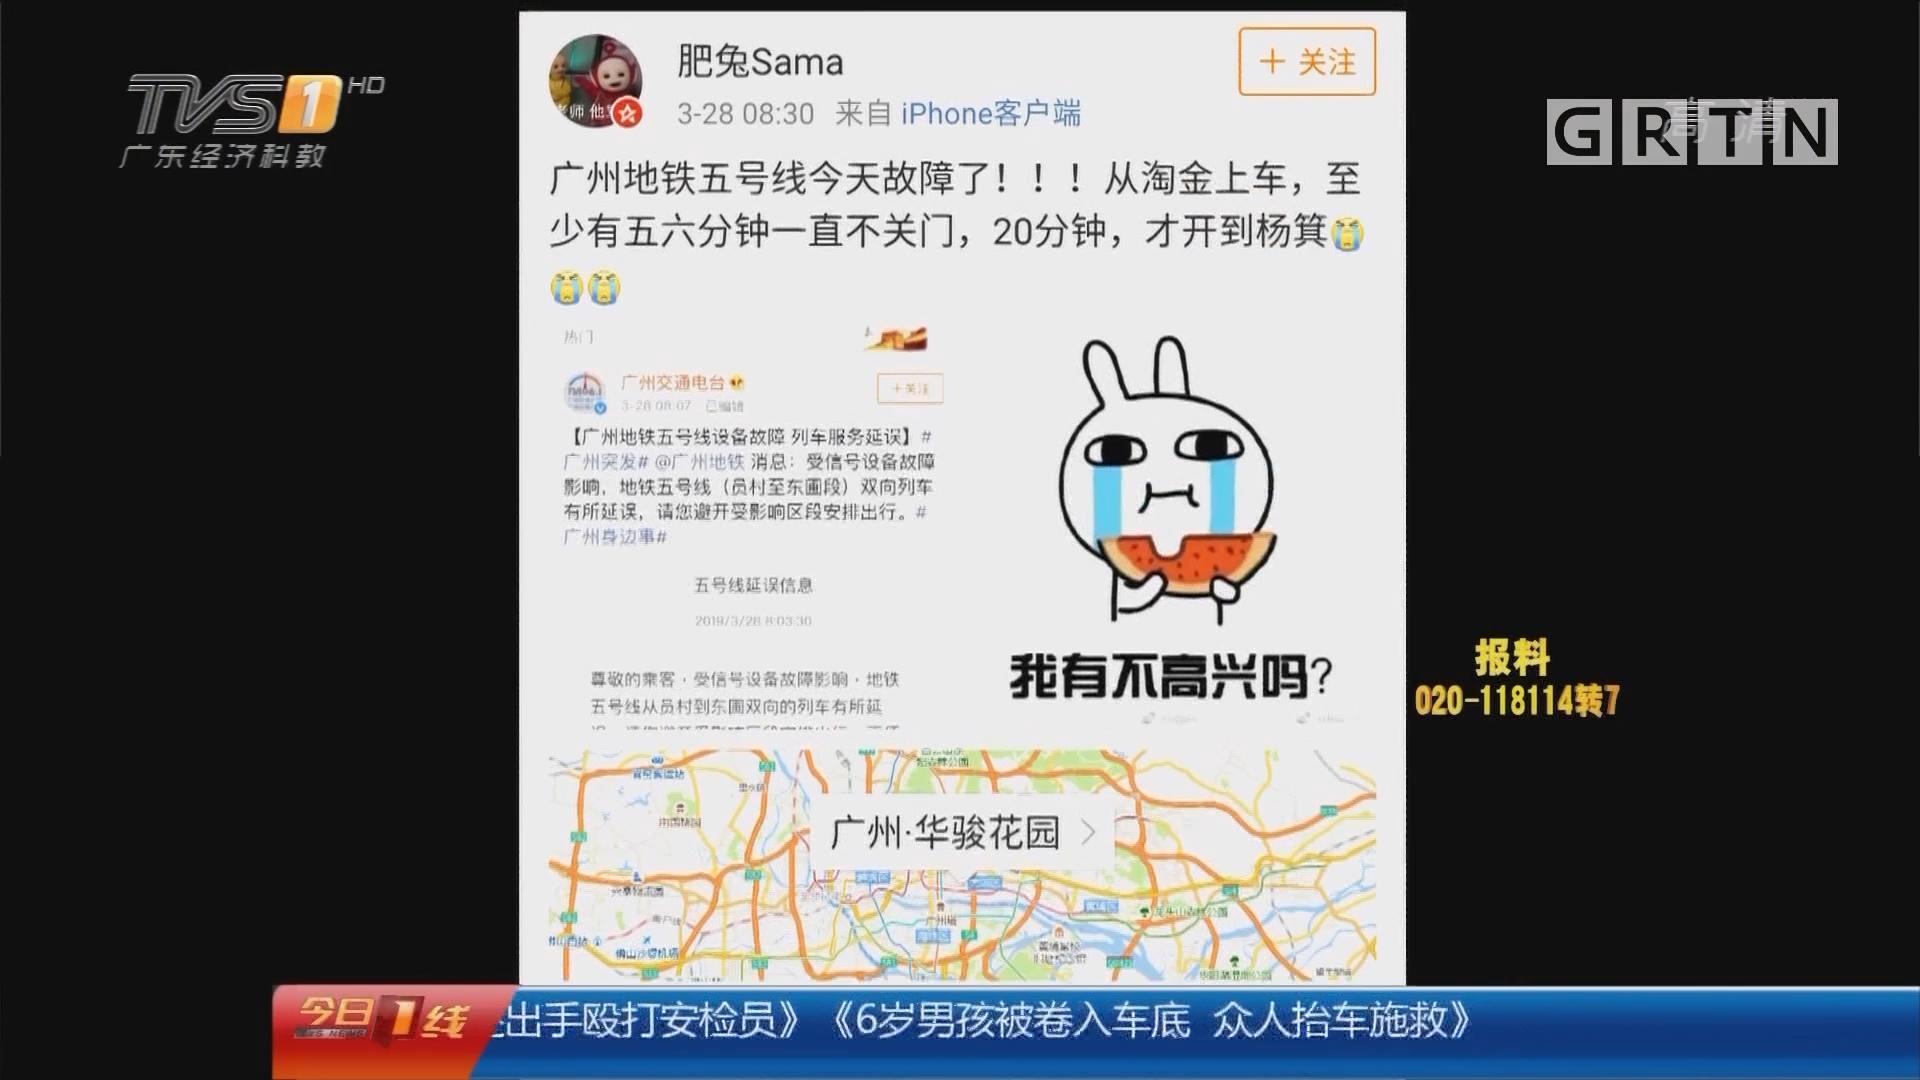 """广州地铁五号线延误:地铁大面积延误 上班族感叹""""全勤奖没了"""""""